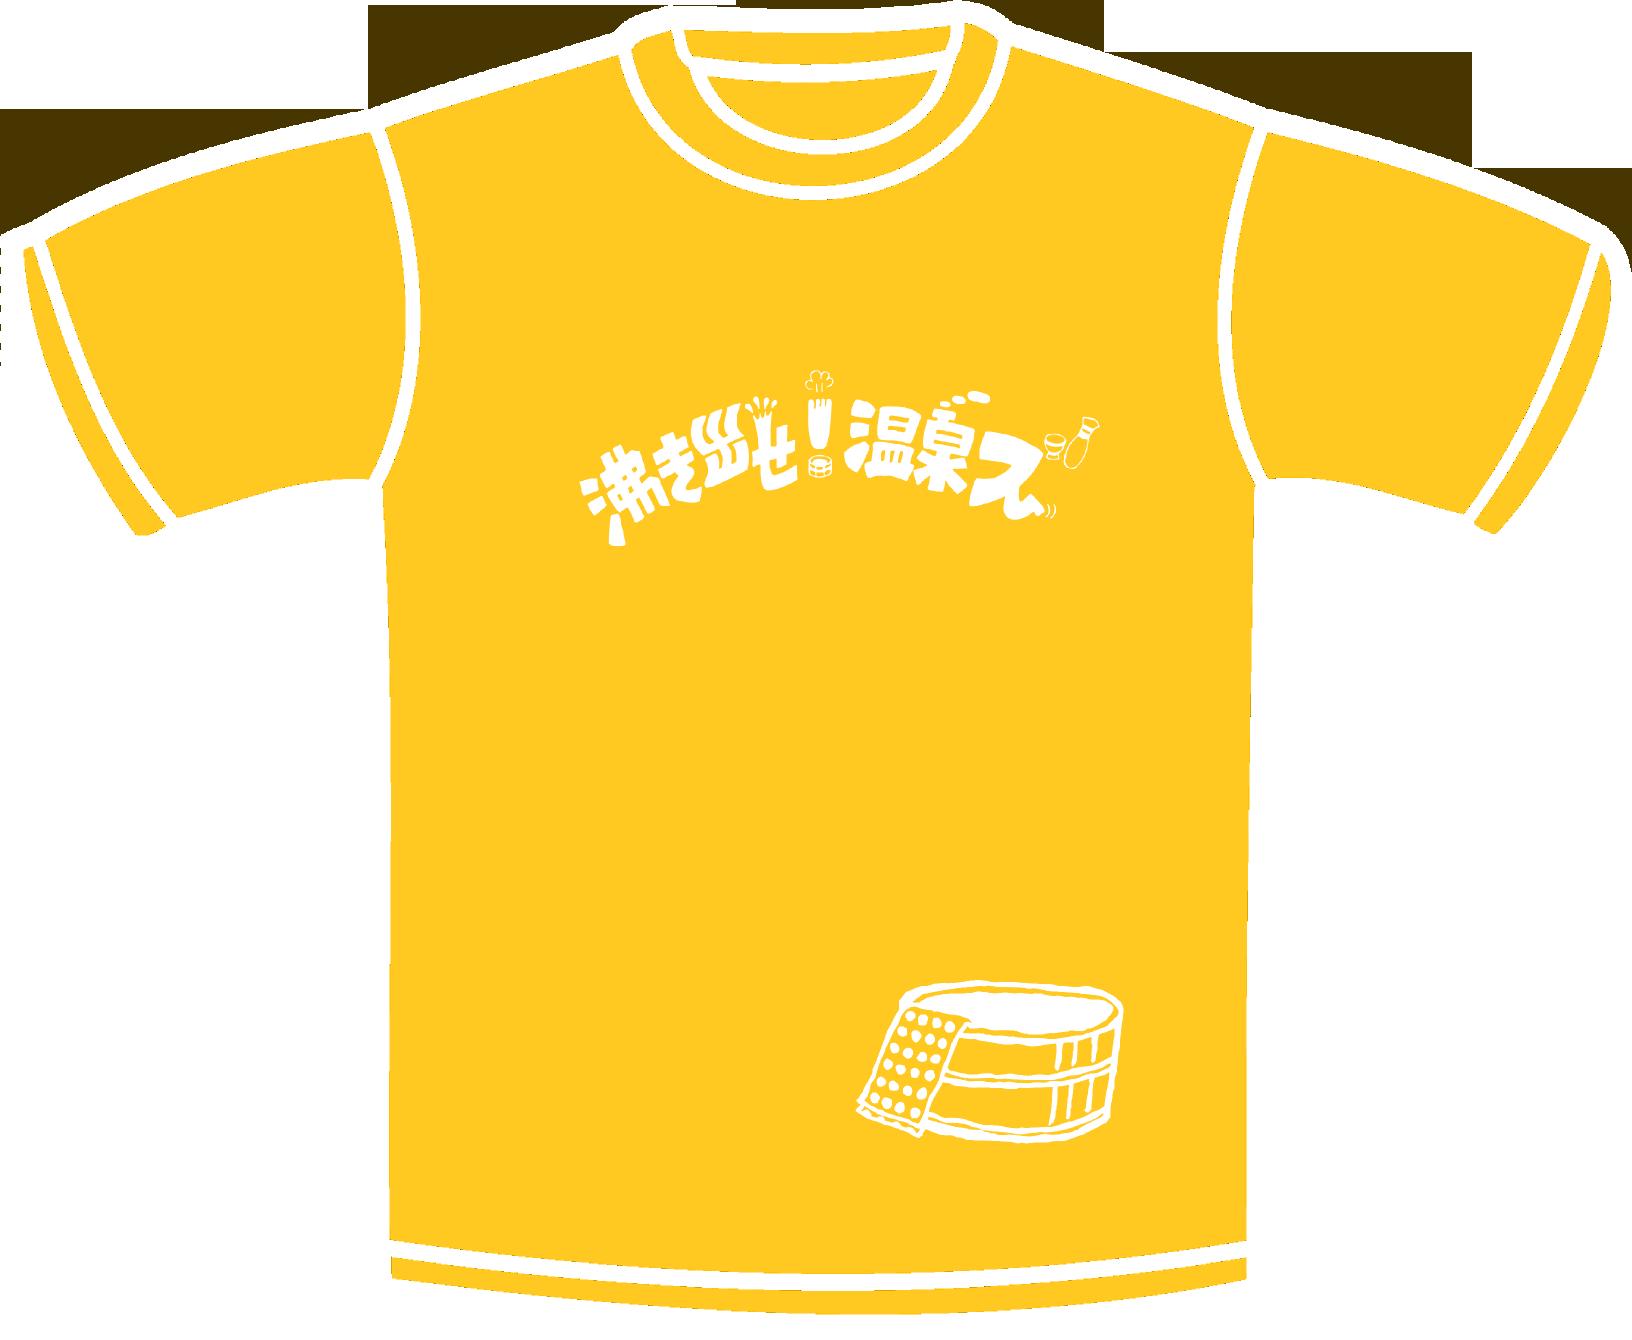 沸き出せ!温泉ズ:バンドTシャツ第二弾:デザイン表:デイジー